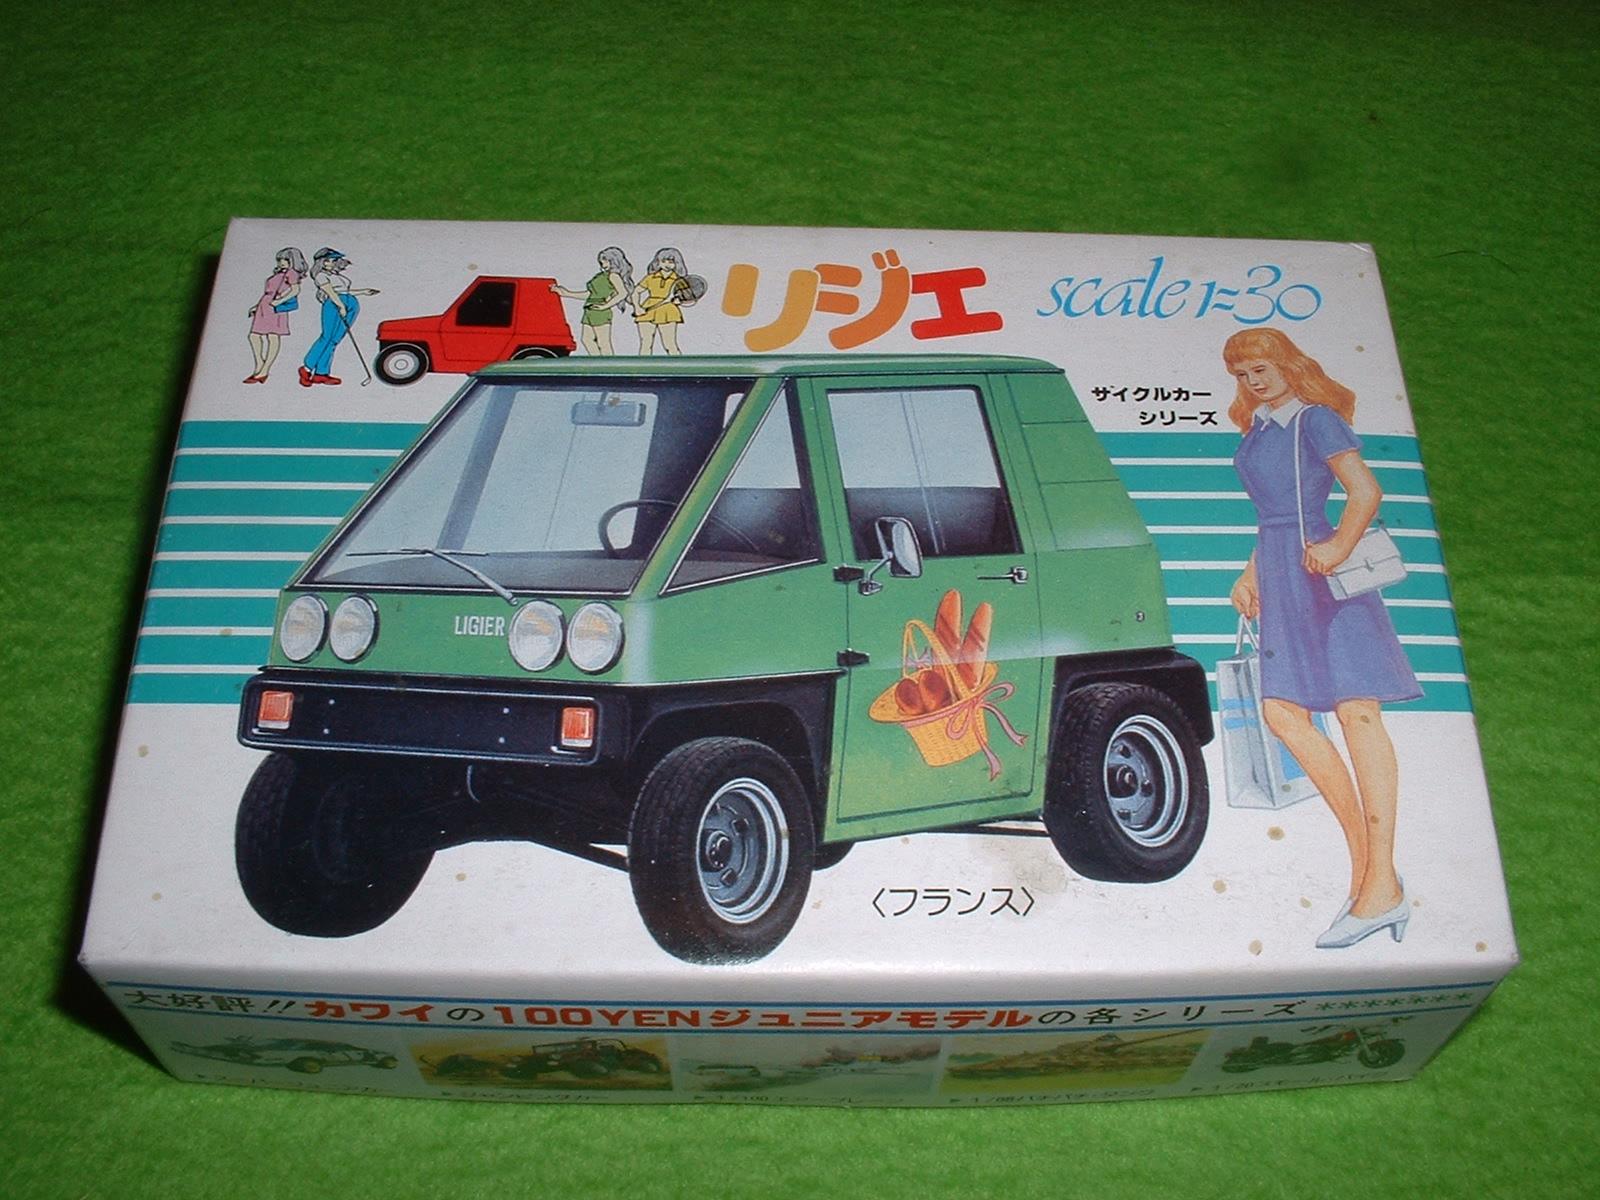 河合商会 30分の1 No.1 「サイクルカー リジェ」 外箱 Doburoku-TAO.JPG